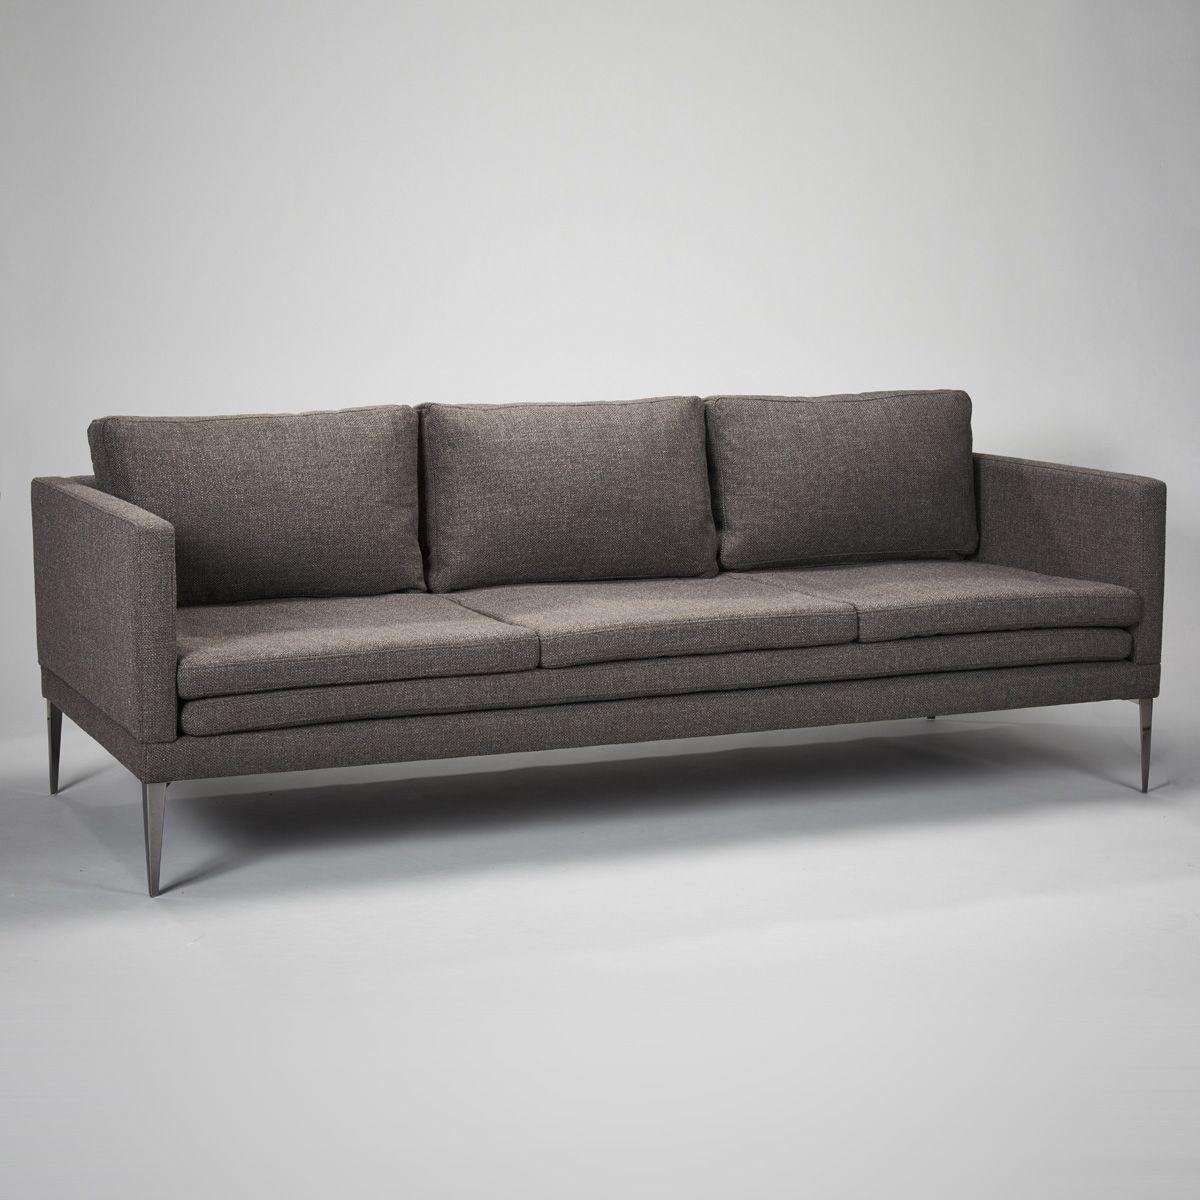 Stock Hoxton Sofa In Bermuda Dark Grey | Robert.langford (View 16 of 25)